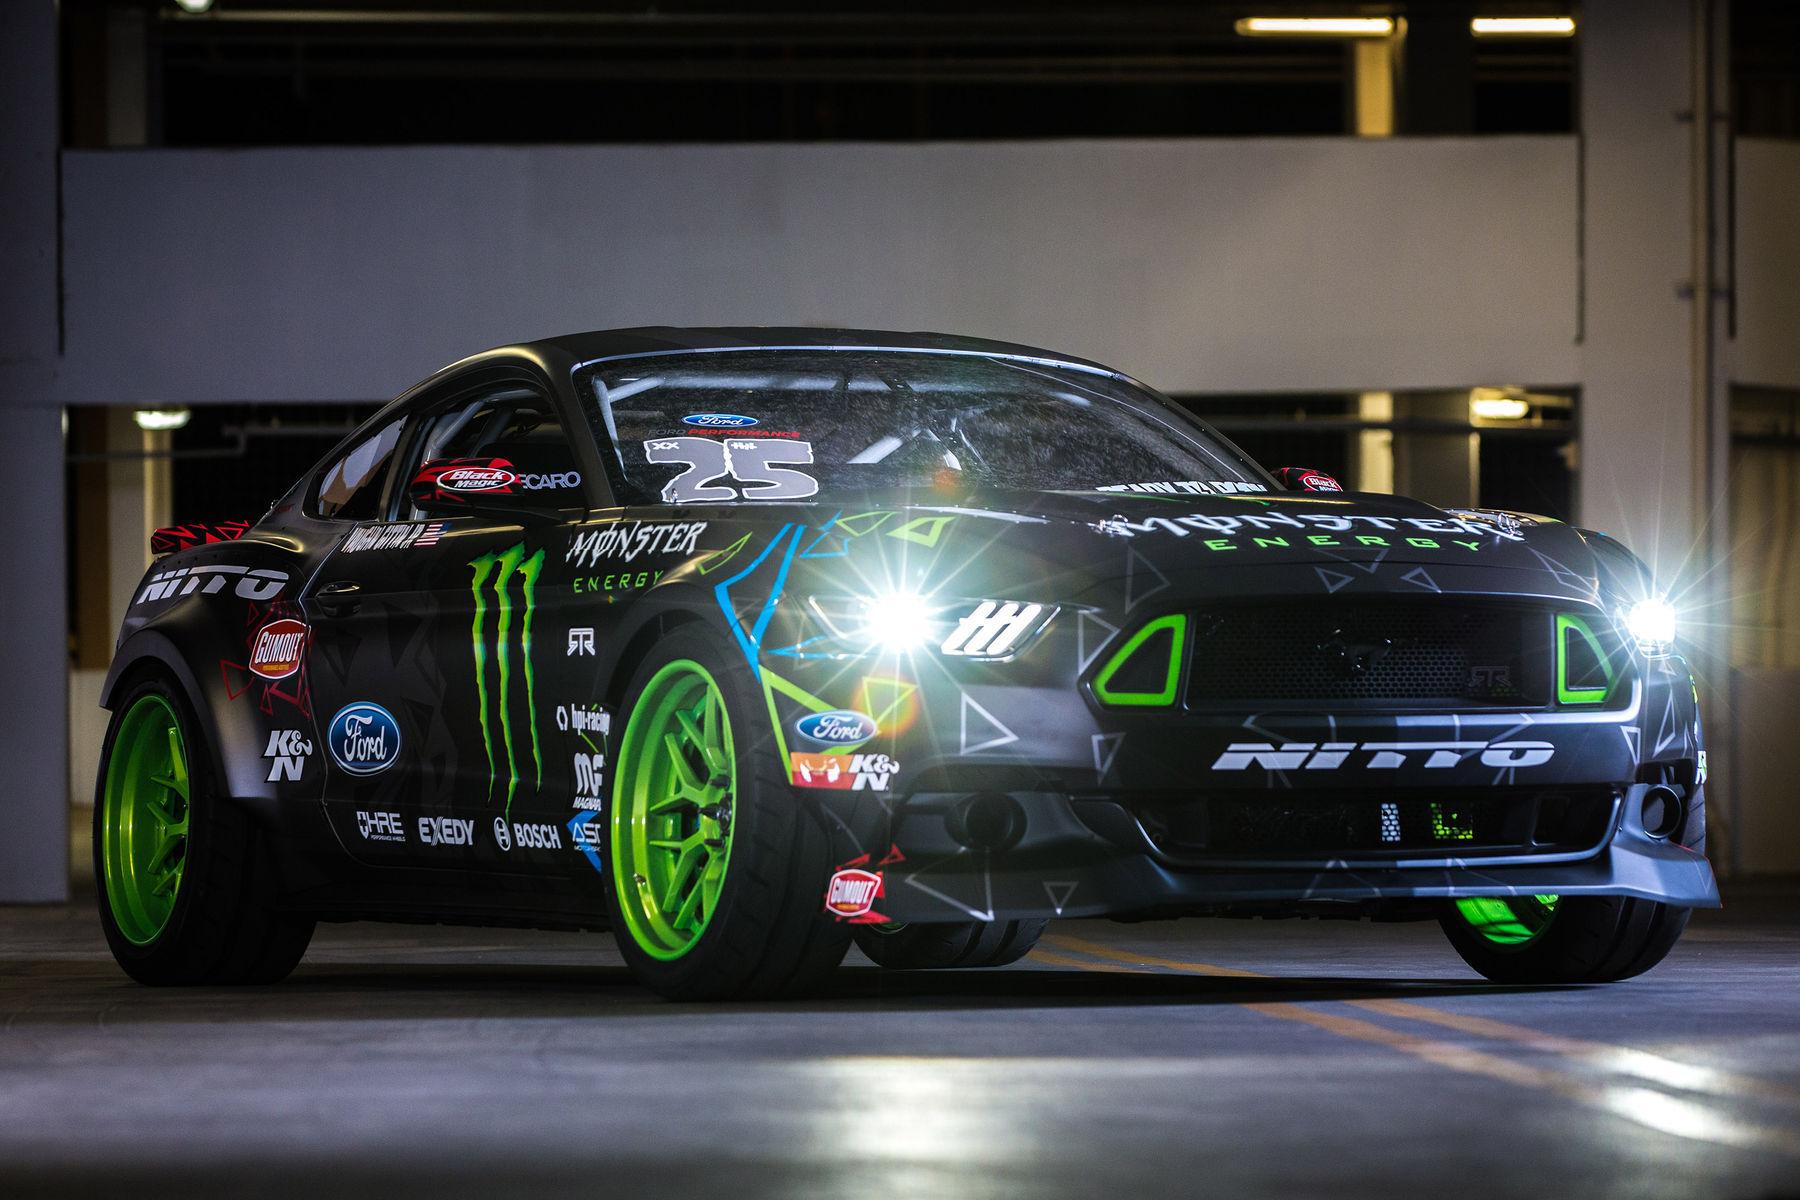 Vaughn Gitten Jr S 15 Mustang Drift Car Lights On